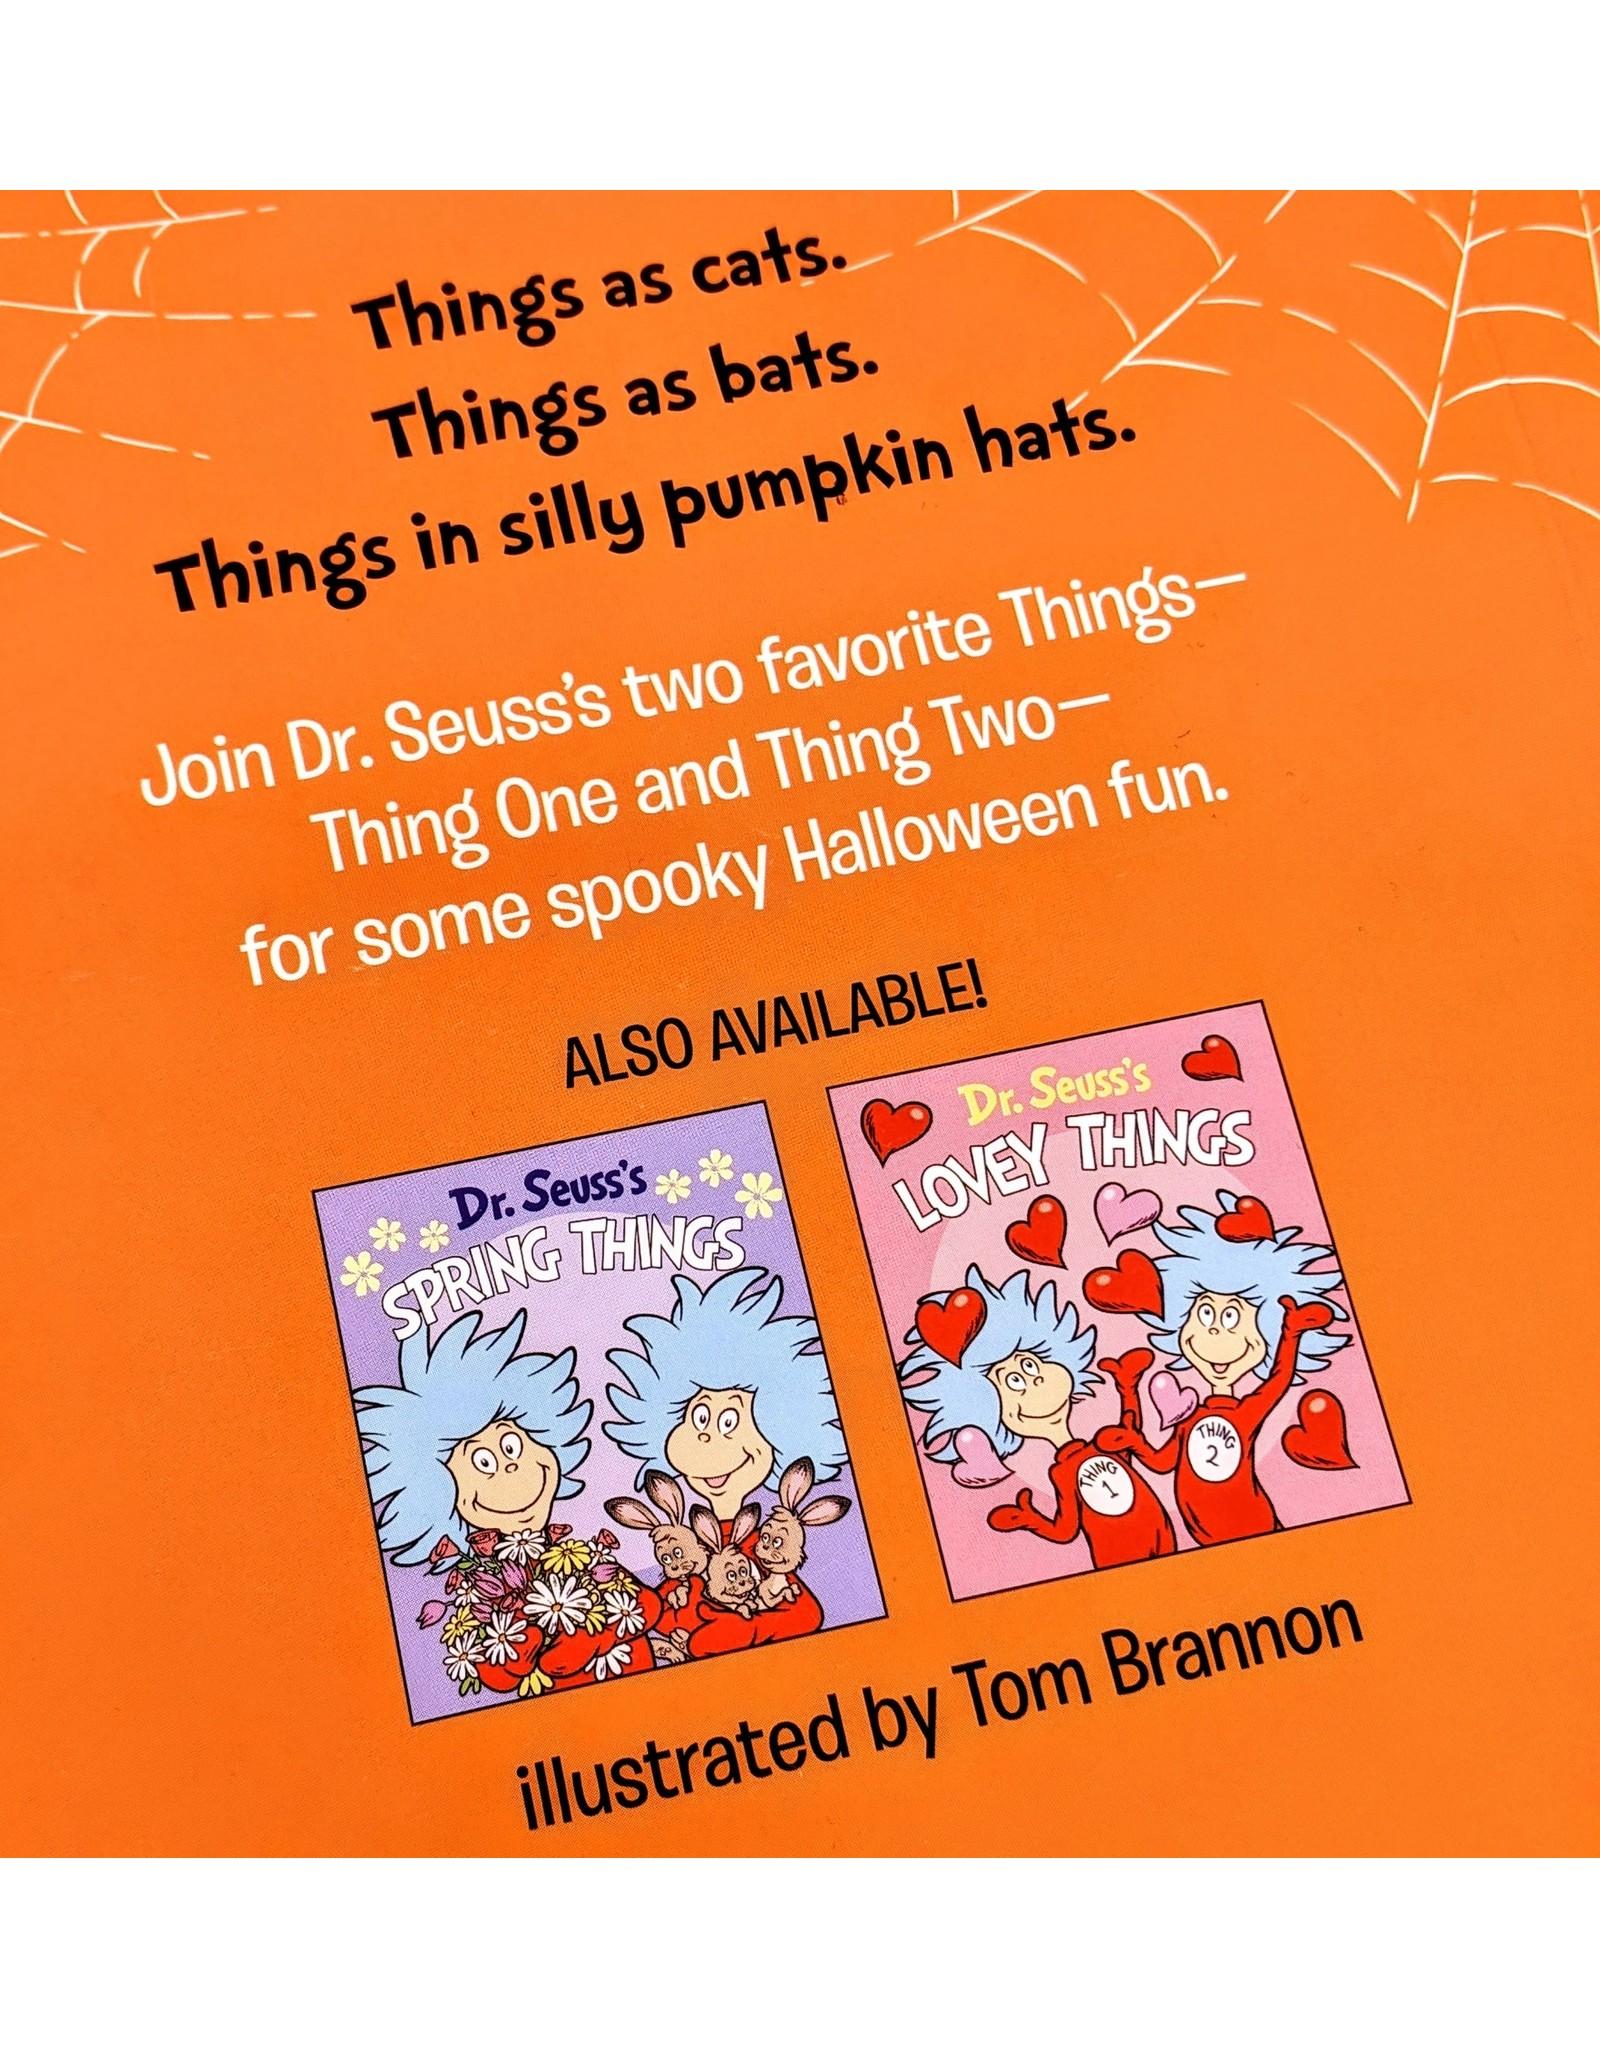 Dr. Seuss Dr. Seuss's Spooky Things